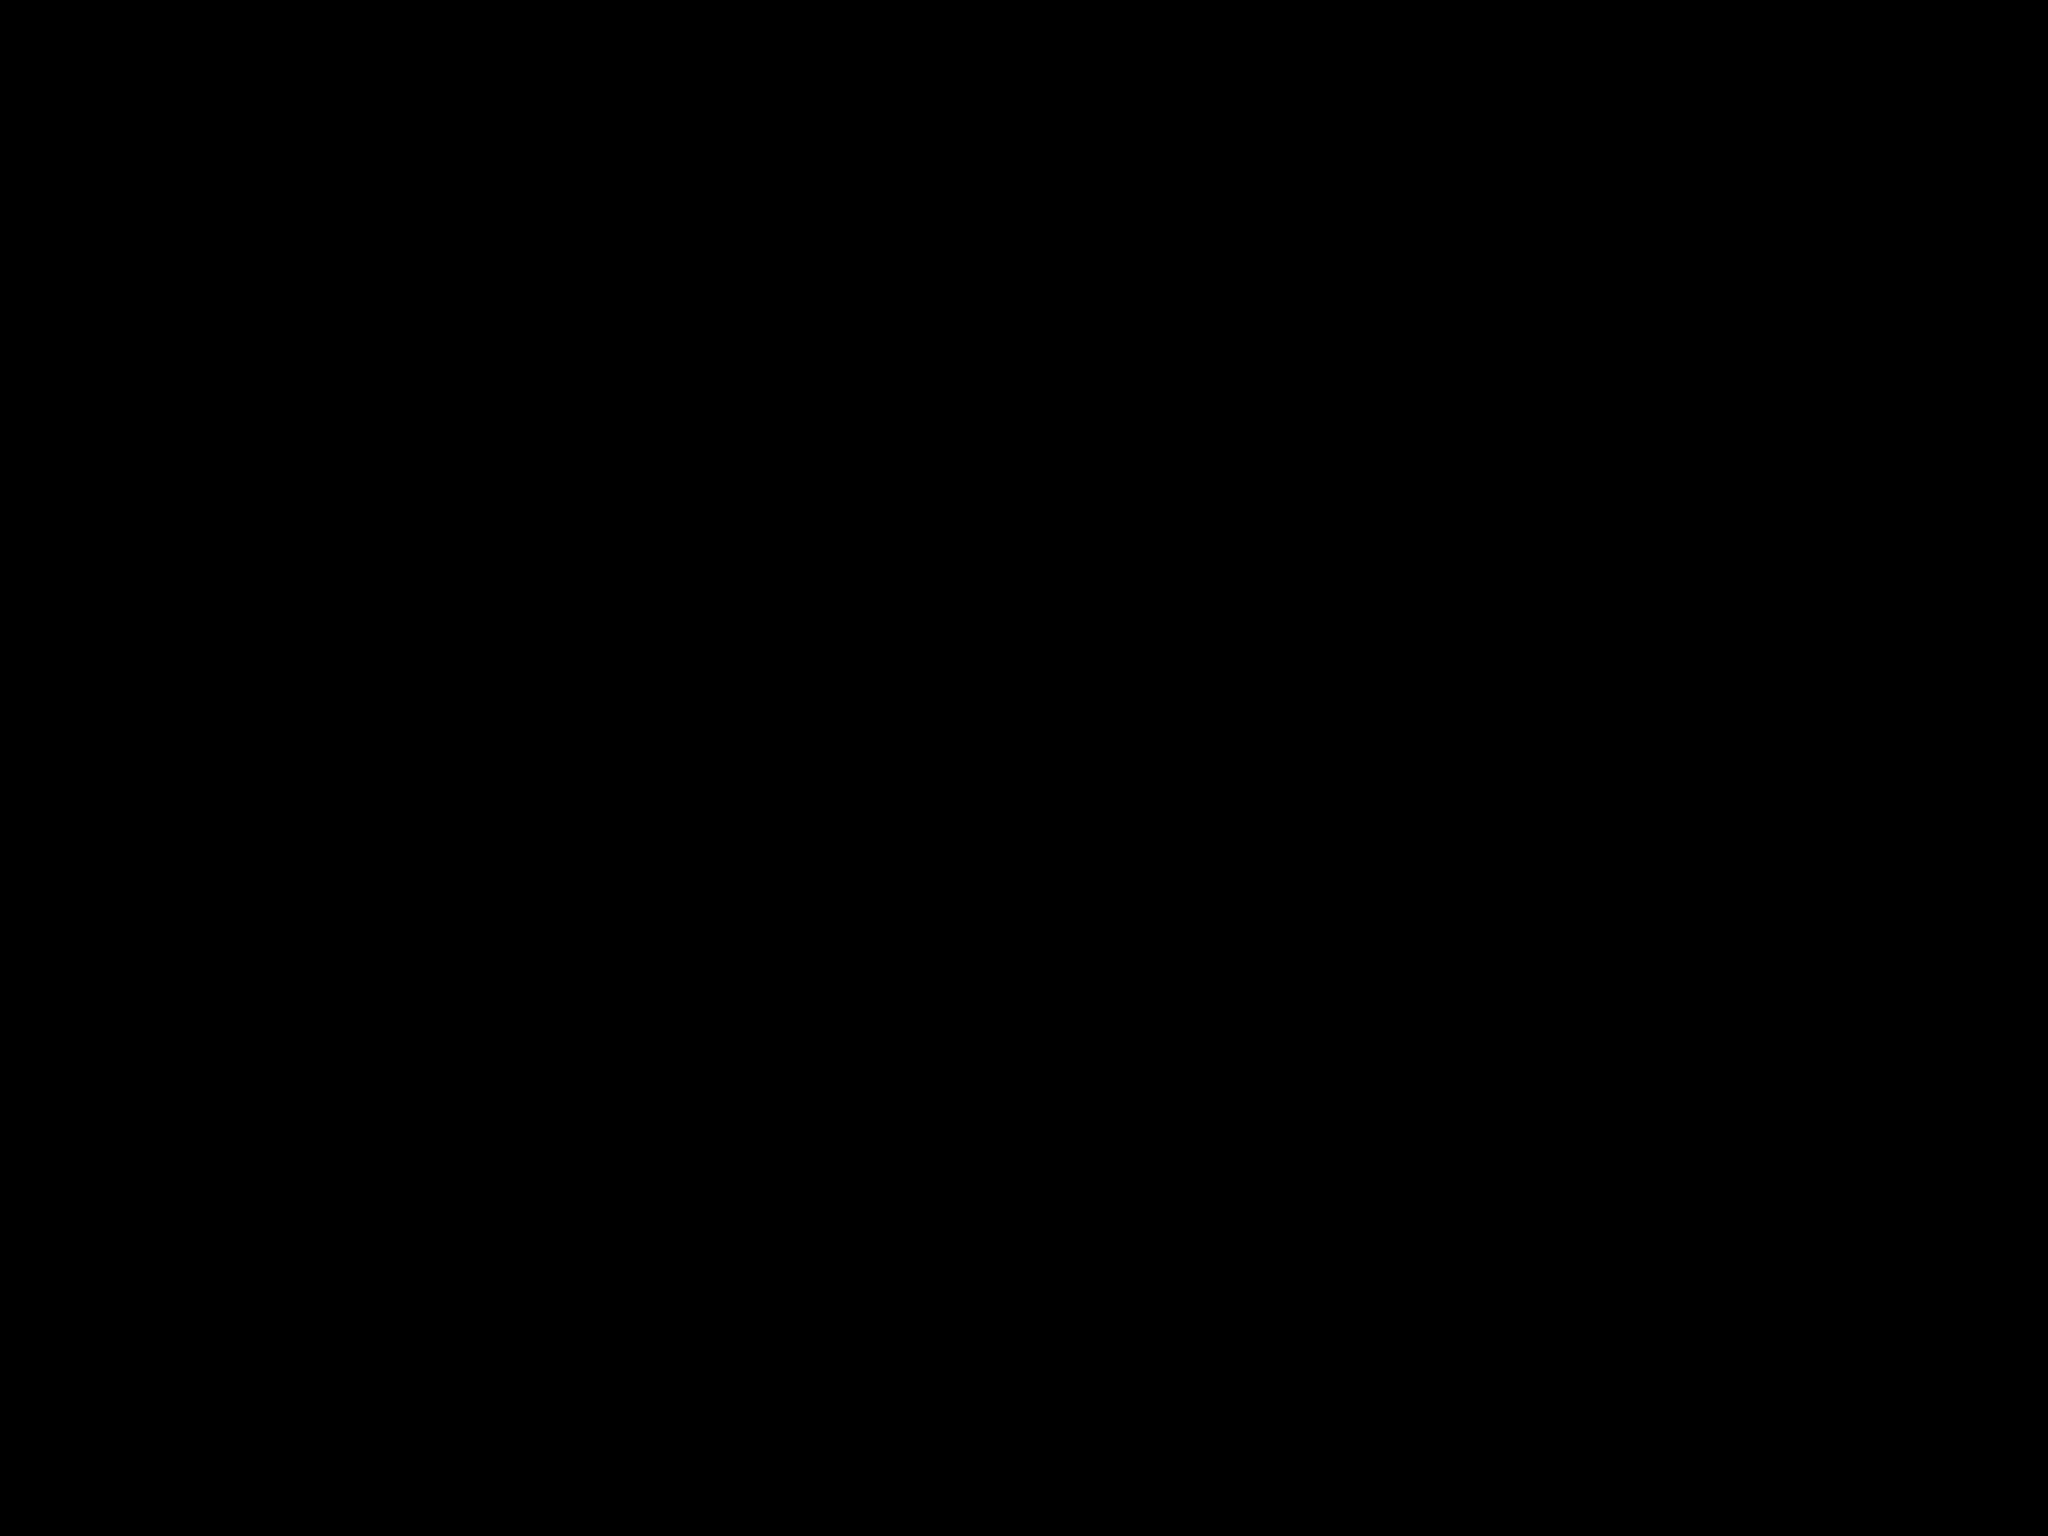 Ruch-Nusseler